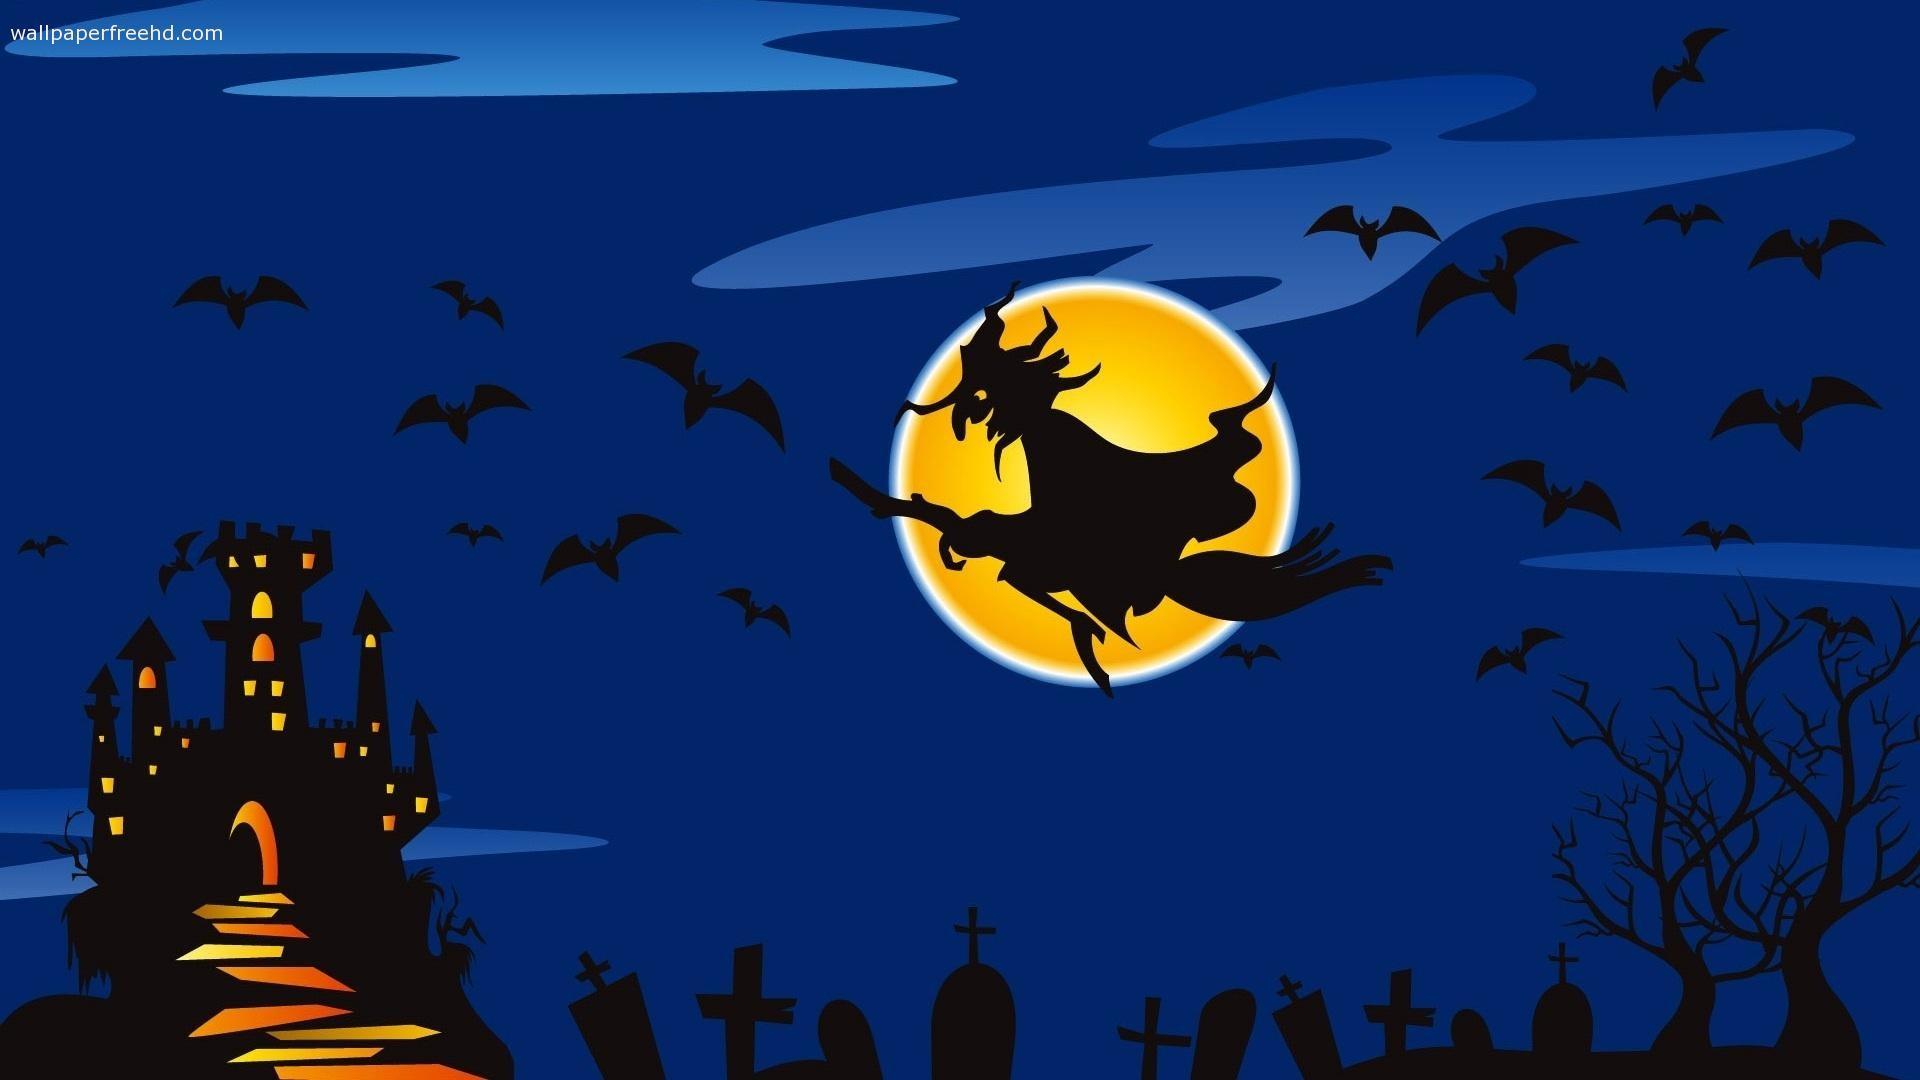 Most Inspiring Wallpaper Halloween Batman - 84021  Graphic_55426.jpg